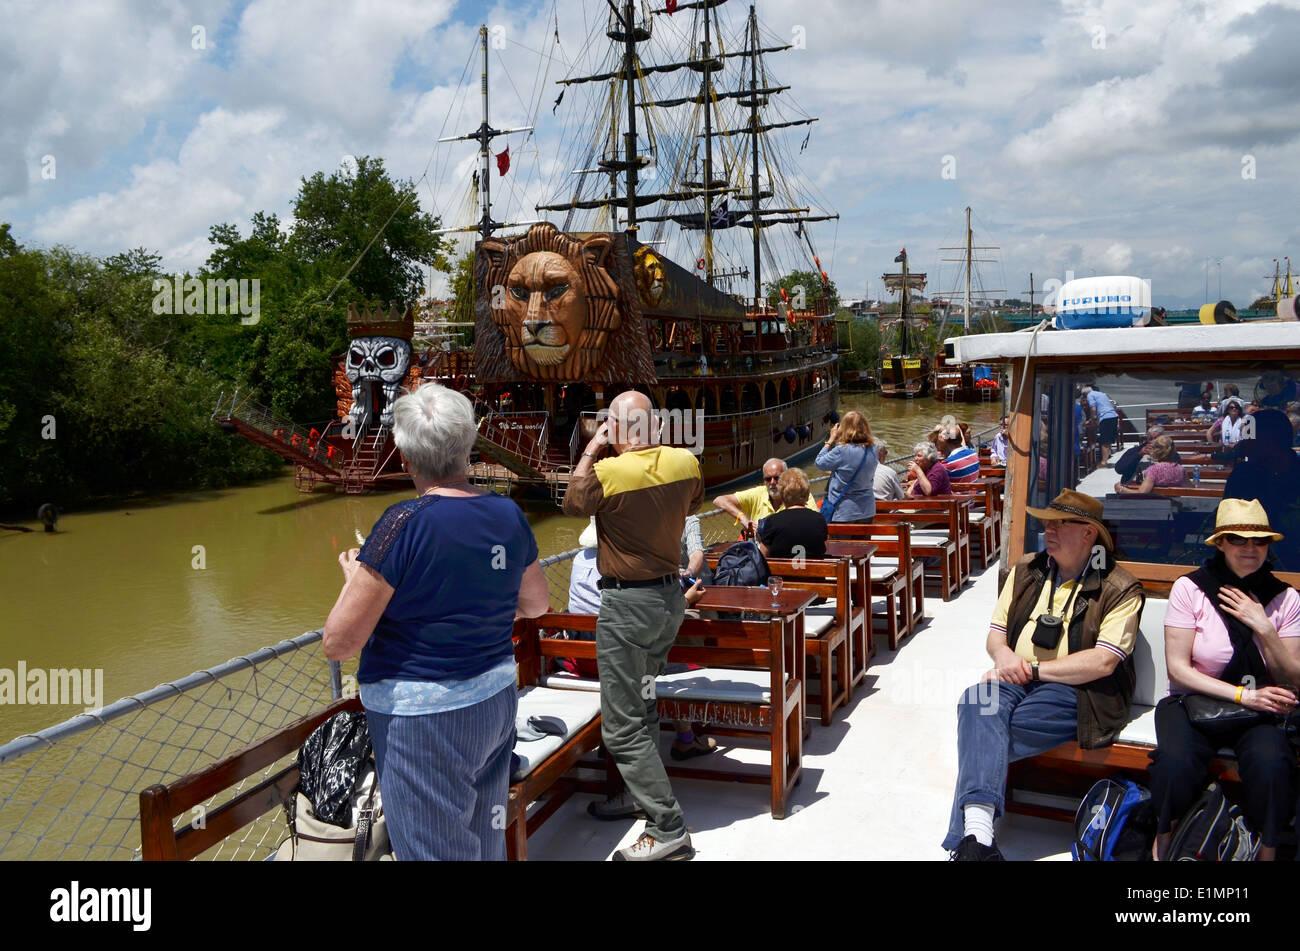 Bootsfahrt mit Mittagessen an Bord, Weg, Zeit in Antalya. Boote sind als Piratenschiffe eingerichtet. Stockbild